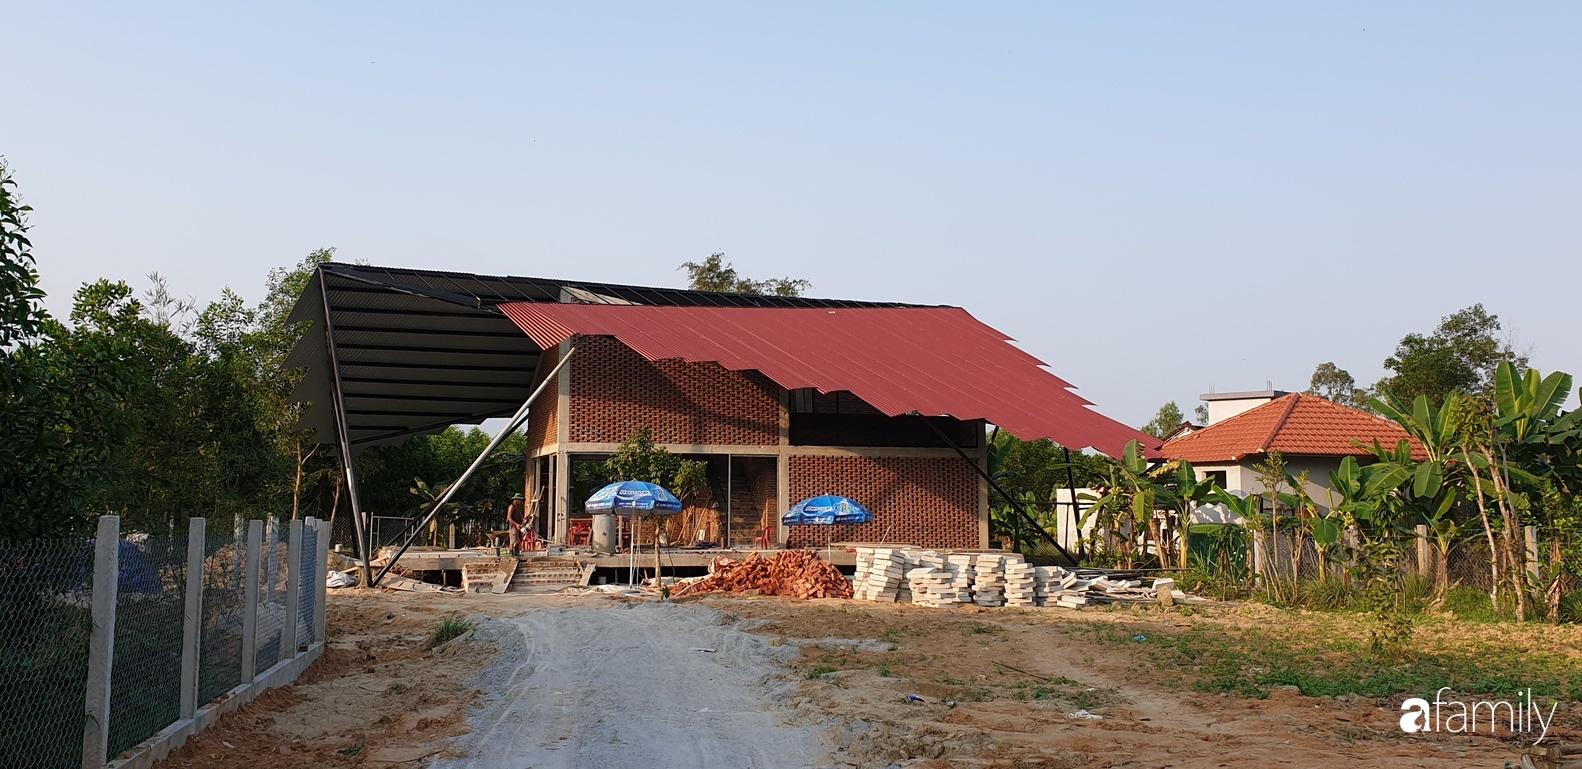 Độc lạ với ngôi nhà hình cánh diều của con cái chung tay góp 350 triệu đồng xây tặng bố mẹ ở ngoại ô TP Đà Nẵng - Ảnh 3.